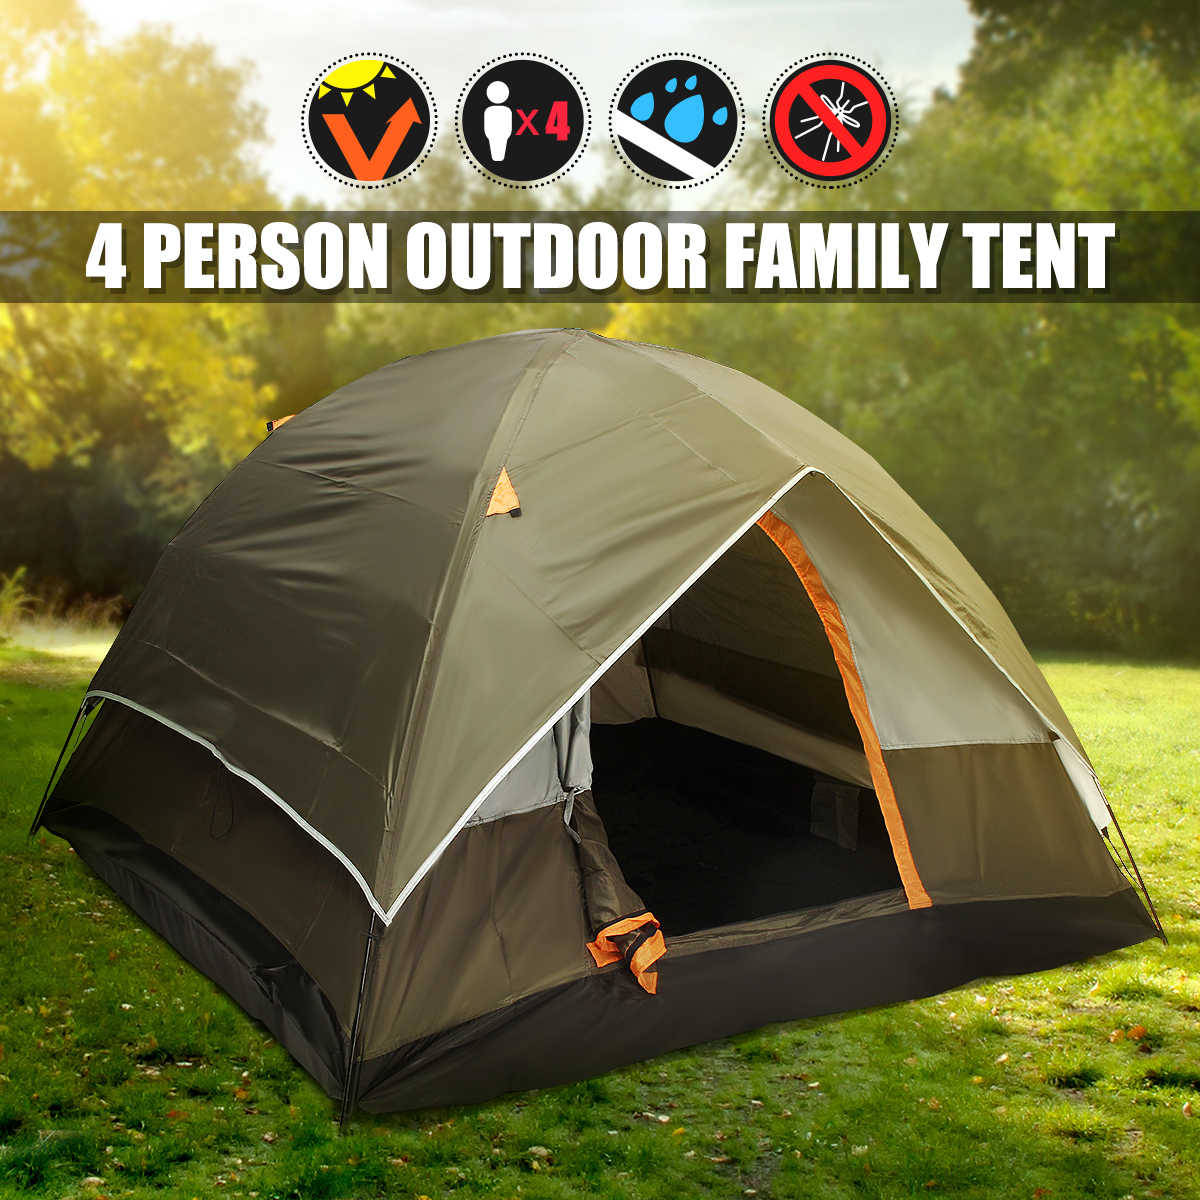 4 personnes Double couche tentes imperméable UV résistant aux intempéries famille pêche en plein air chasse partie Camping tente plage voyage CN/RU